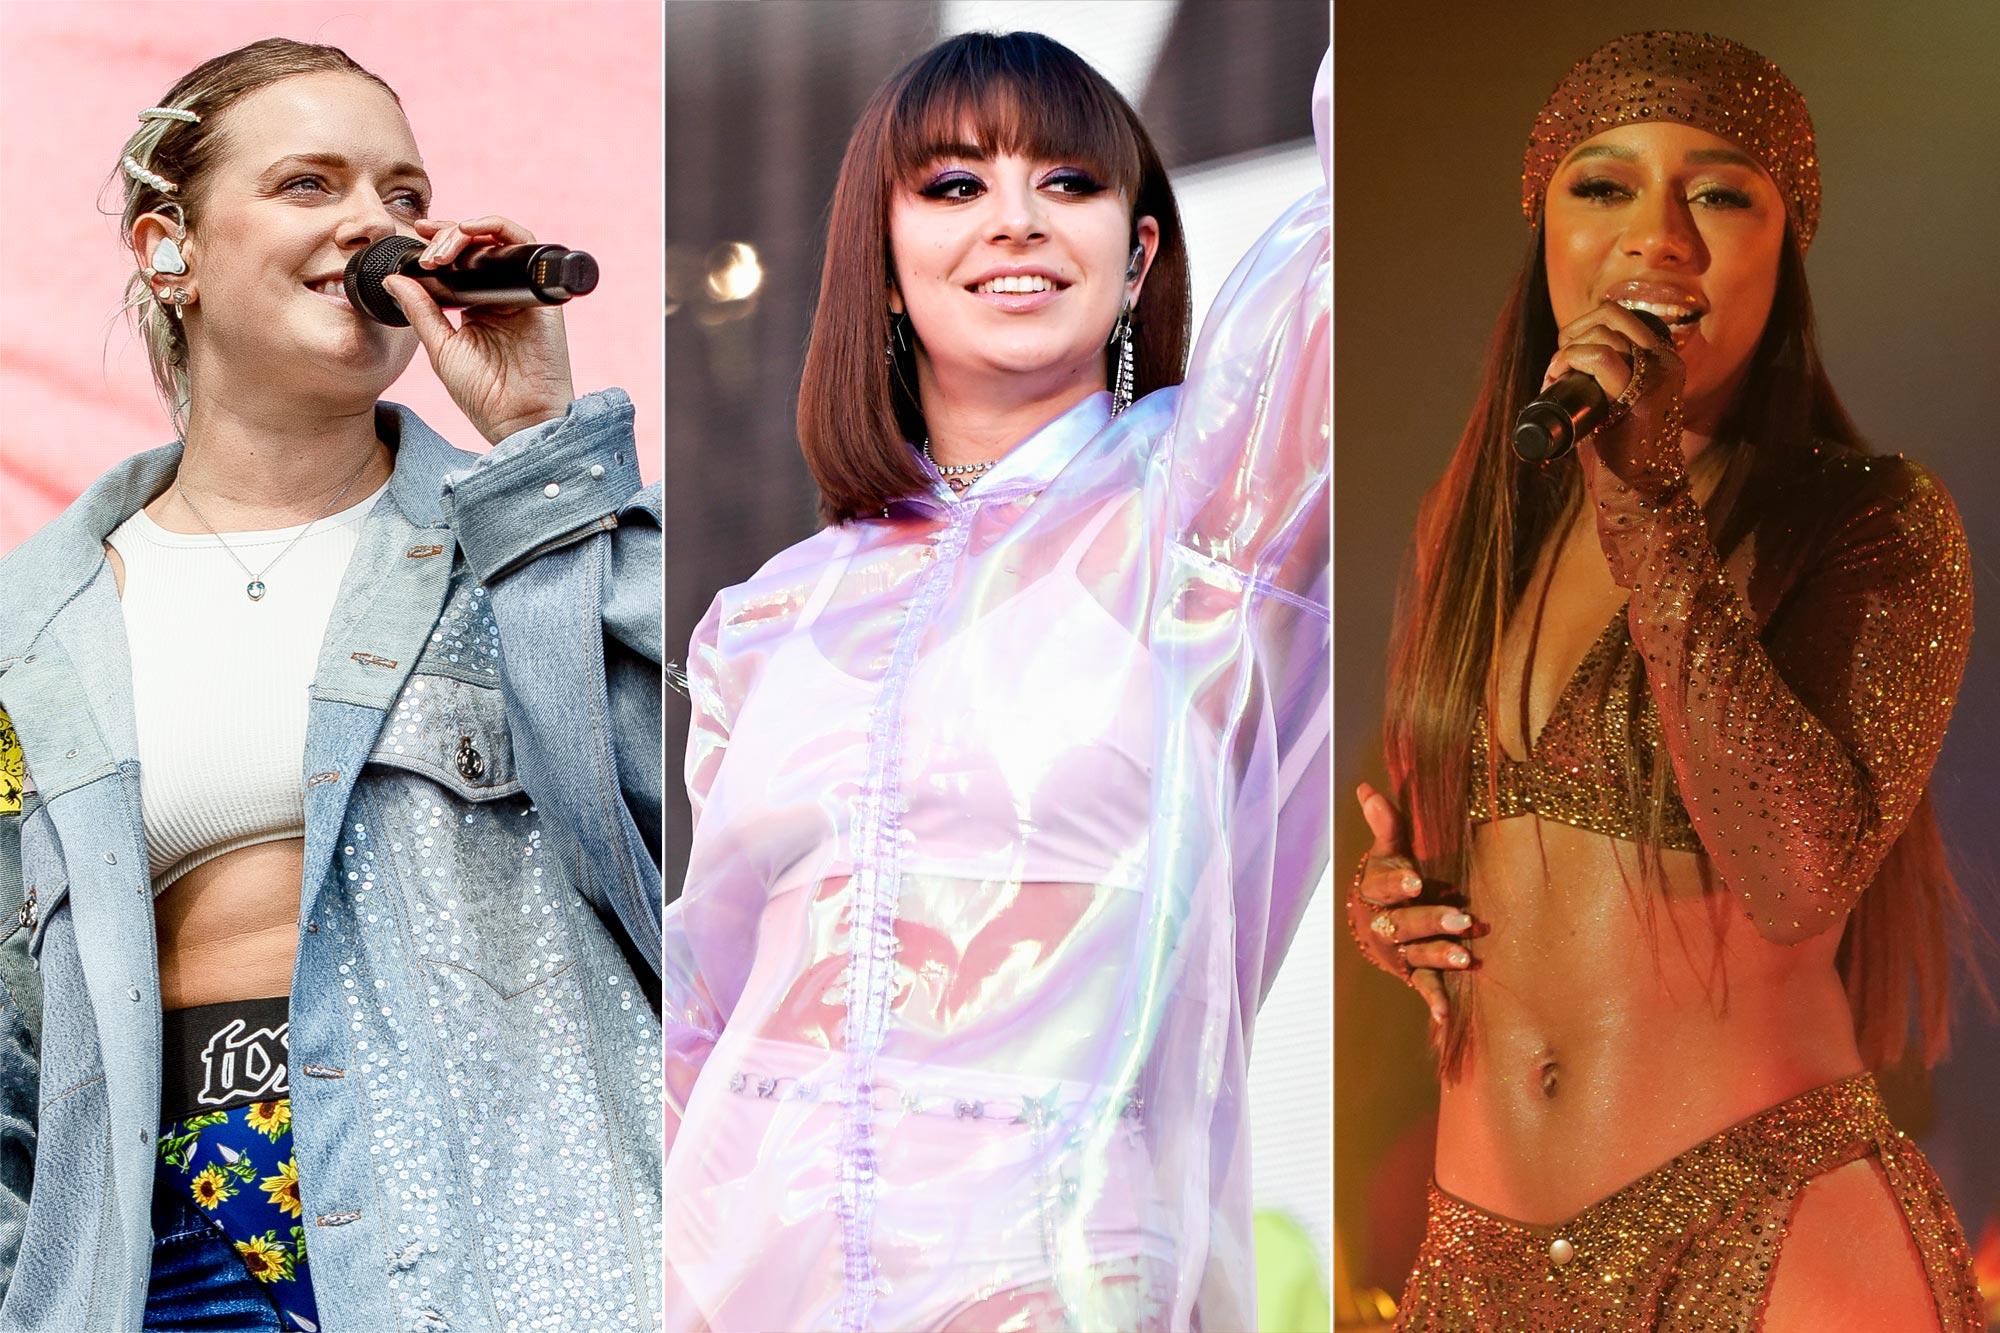 Tove Lo, Charli XCX, and Victoria Monet